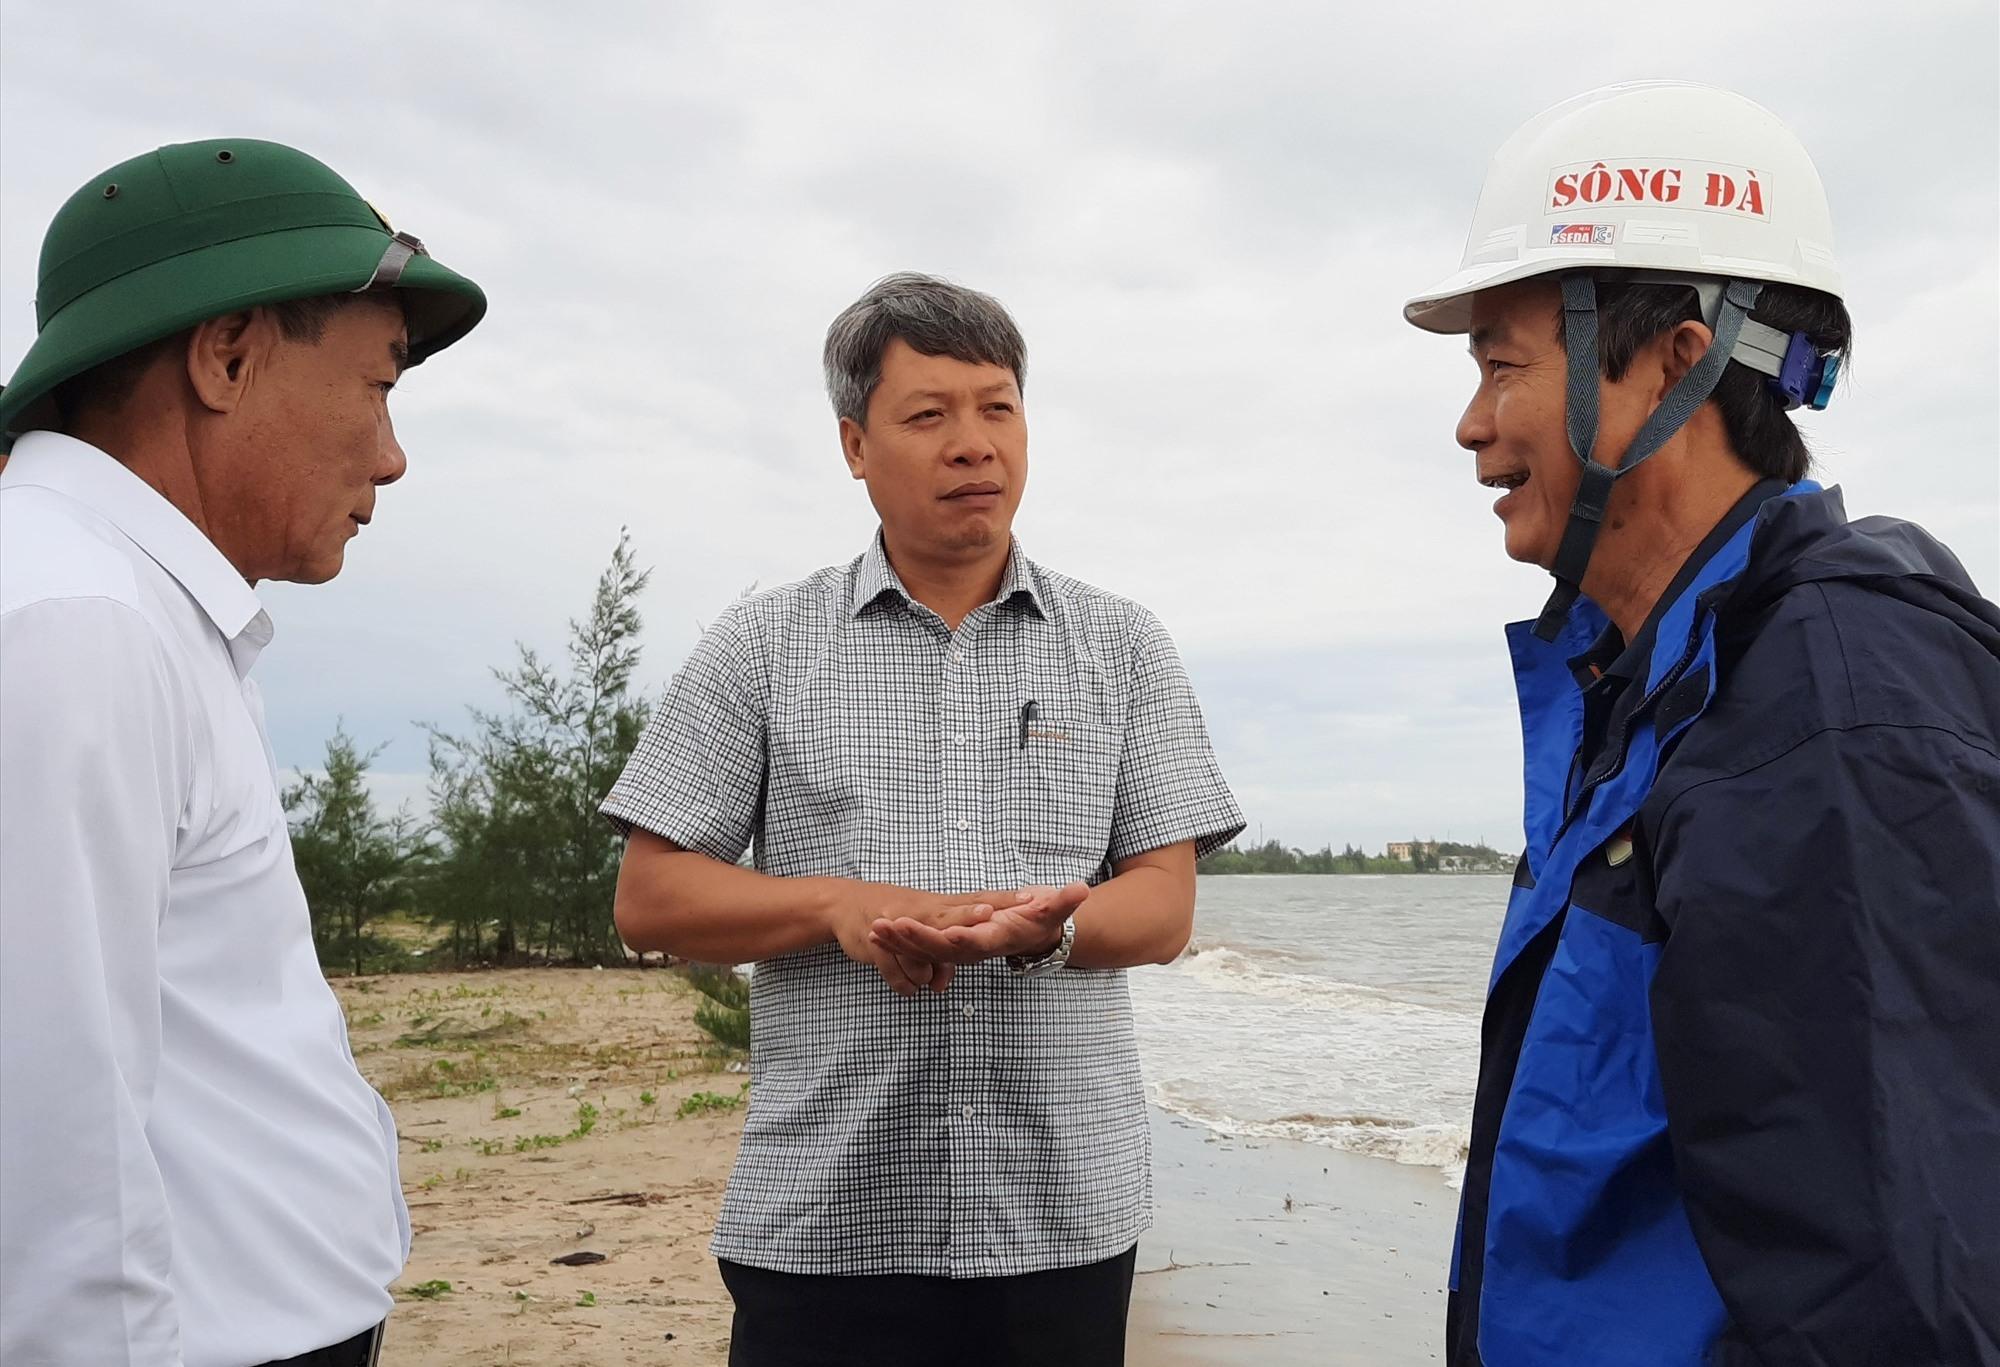 Phó Chủ tịch UBND Hồ Quang Bửu lắng nghe báo cáo của UBND huyện Duy Xuyên về tình hình sạt lở bờ biển tại xã Duy Hải. Ảnh: HỒ QUÂN